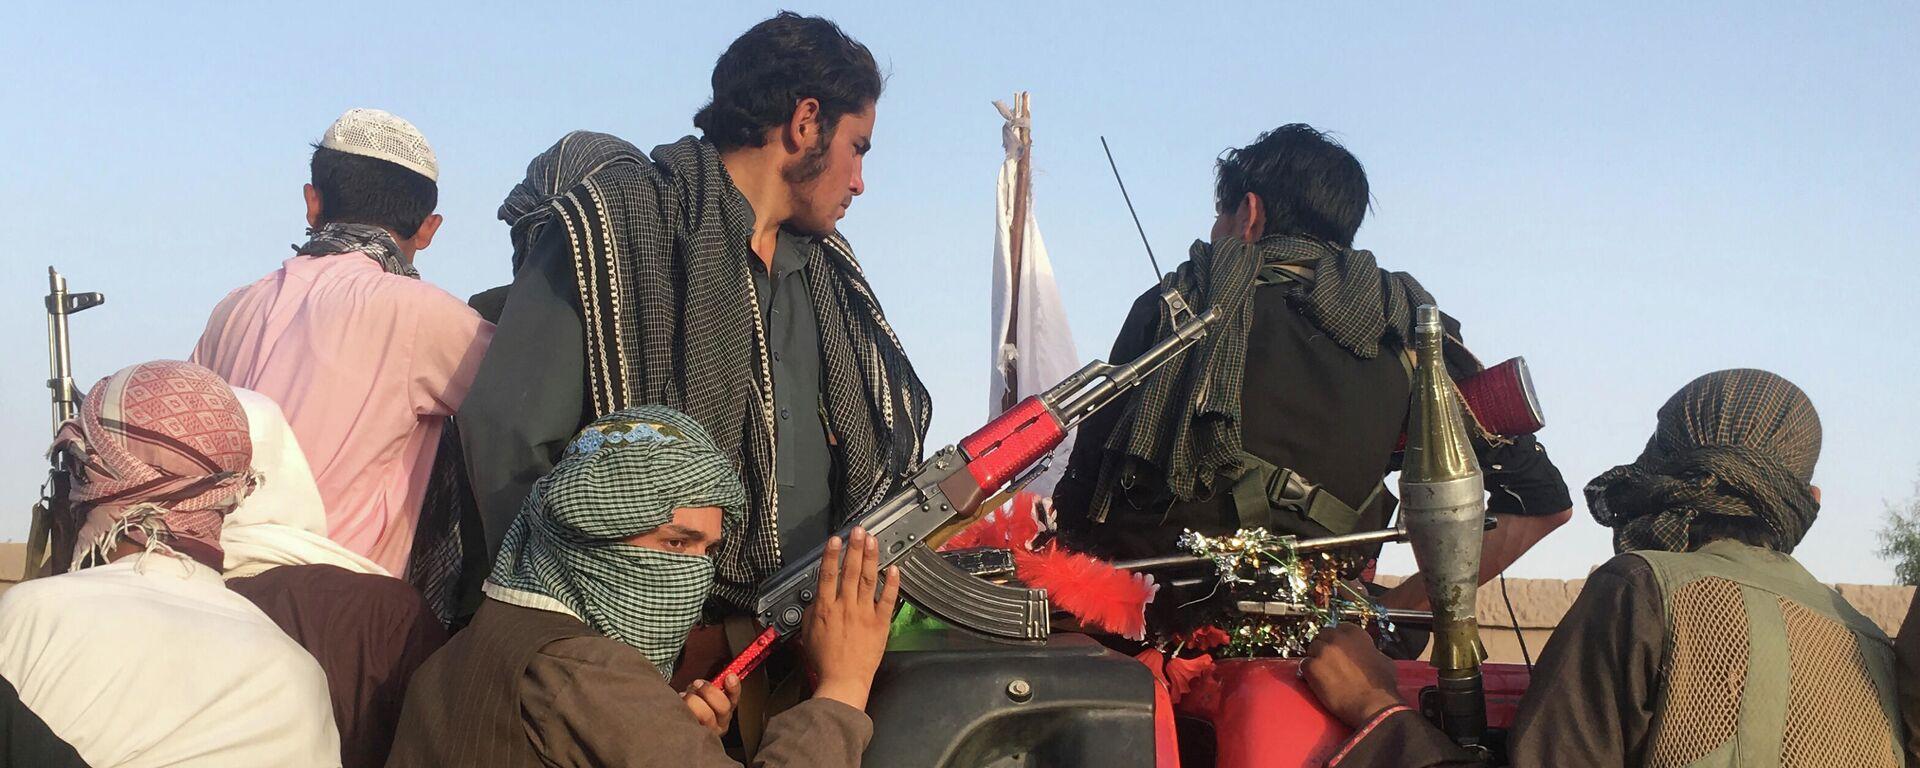 Unterstützer der Taliban an der afghanisch-pakistanischen Grenze - SNA, 1920, 27.07.2021